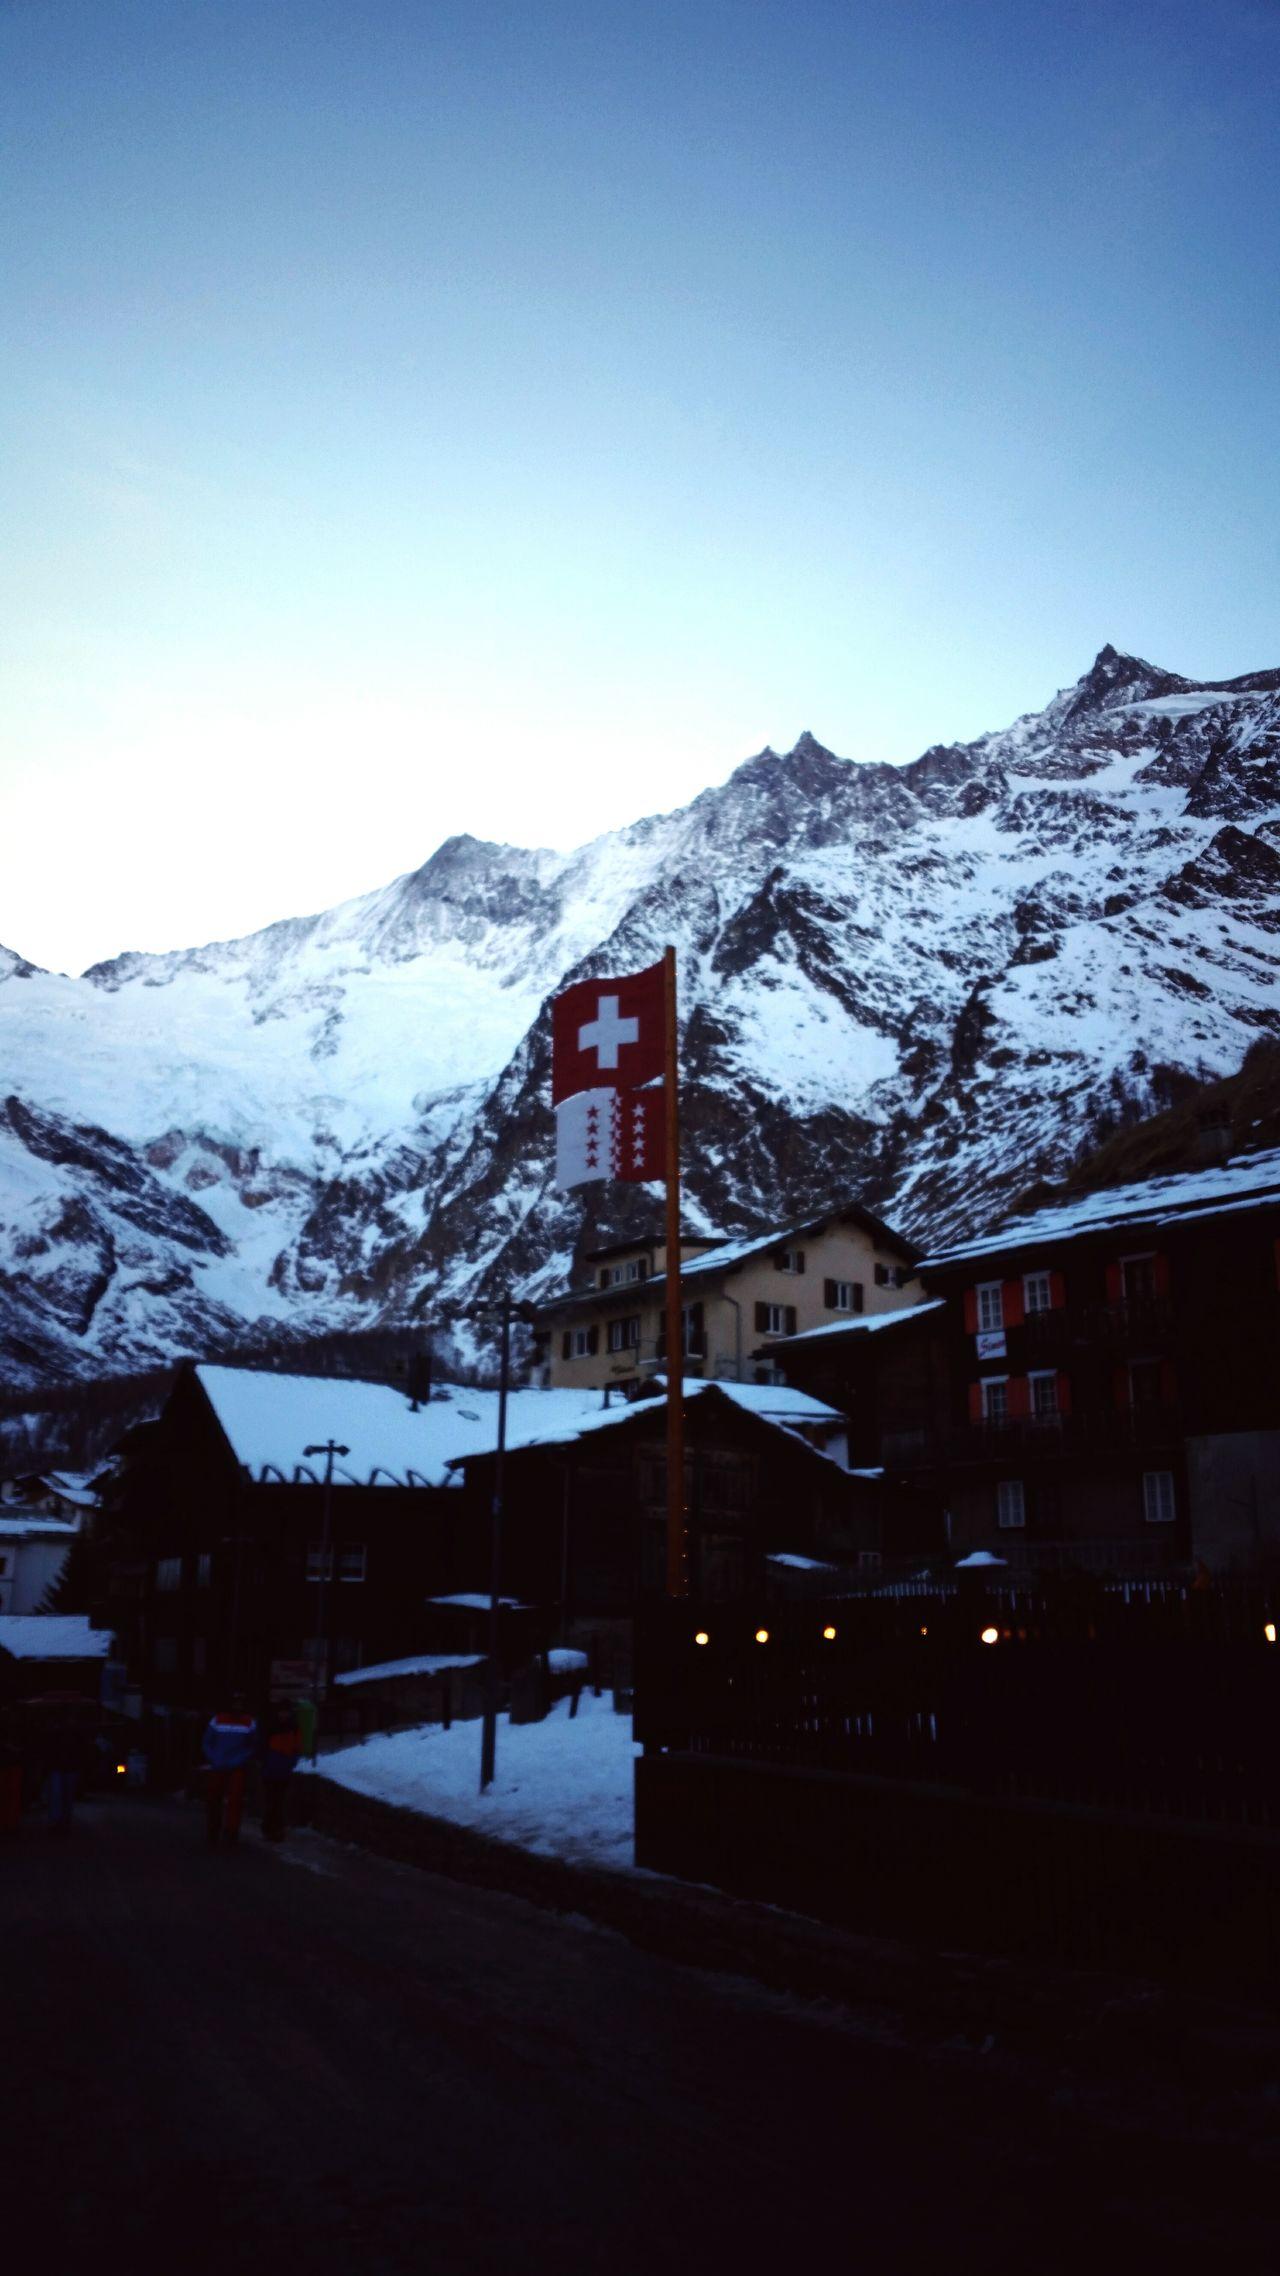 Ein schönes Dorf ❄🇨🇭Saasfee Saastal Swiss Mountains Swissalps Dorf Walliser Alpen Village Life Snow ❄ Winterwonderland